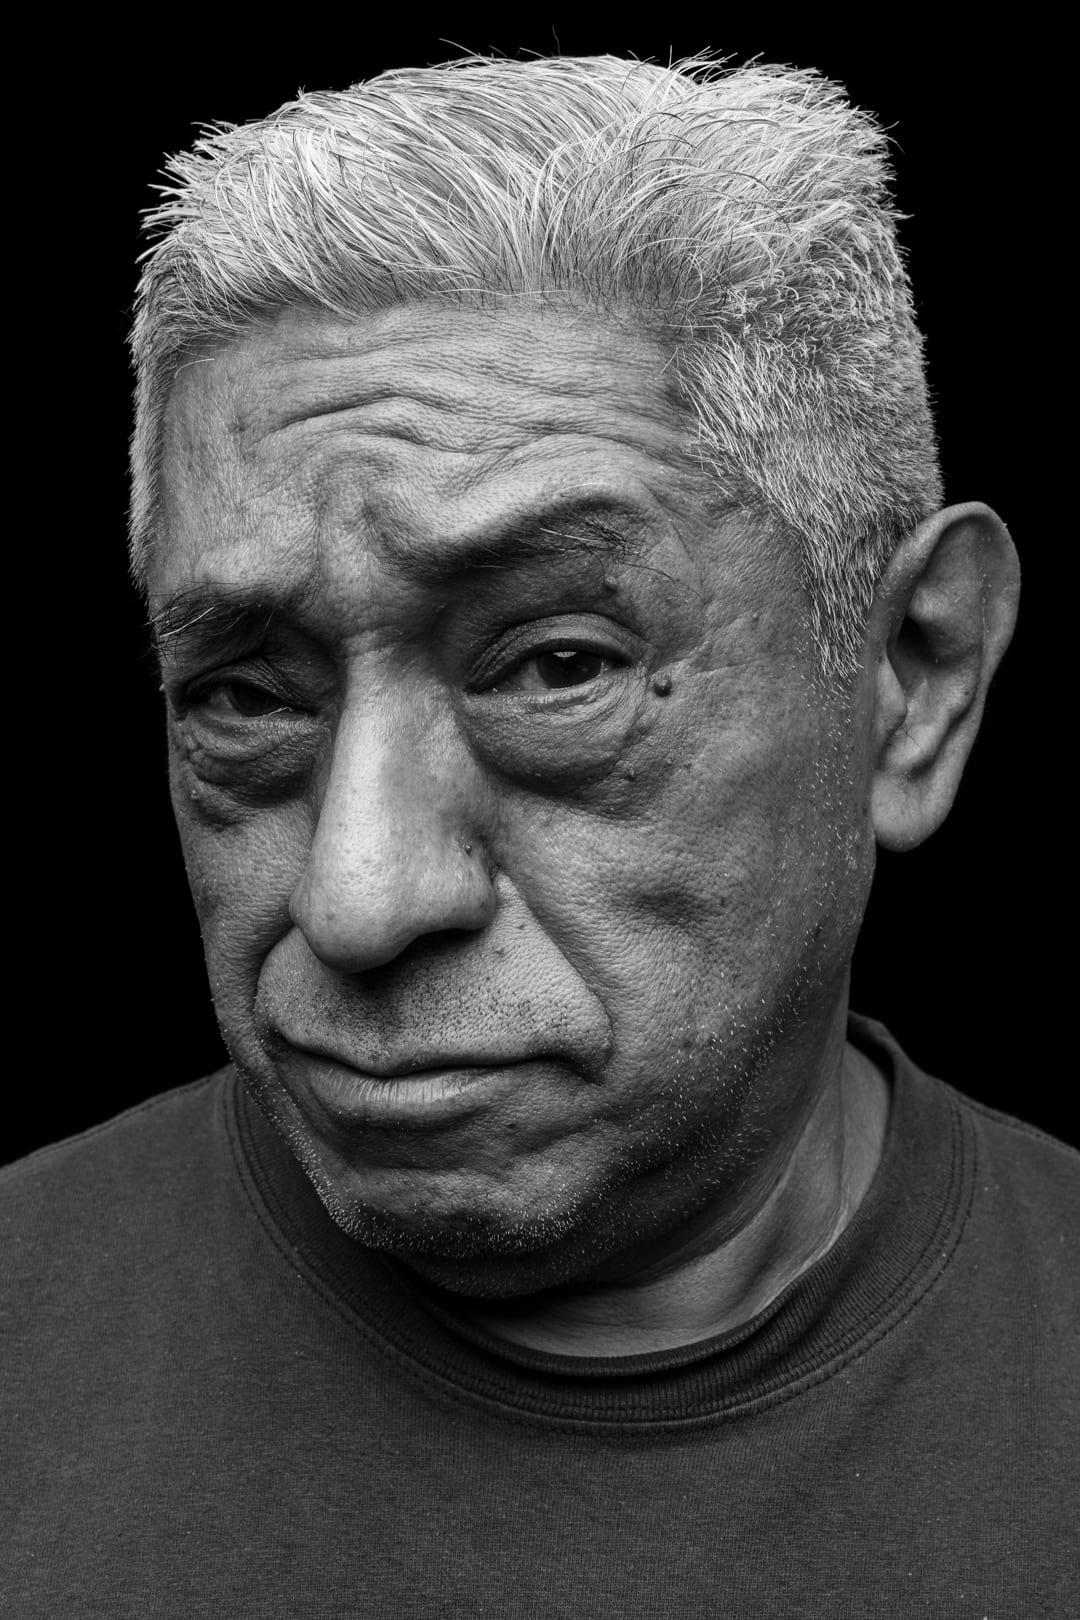 Raúl Sánchez